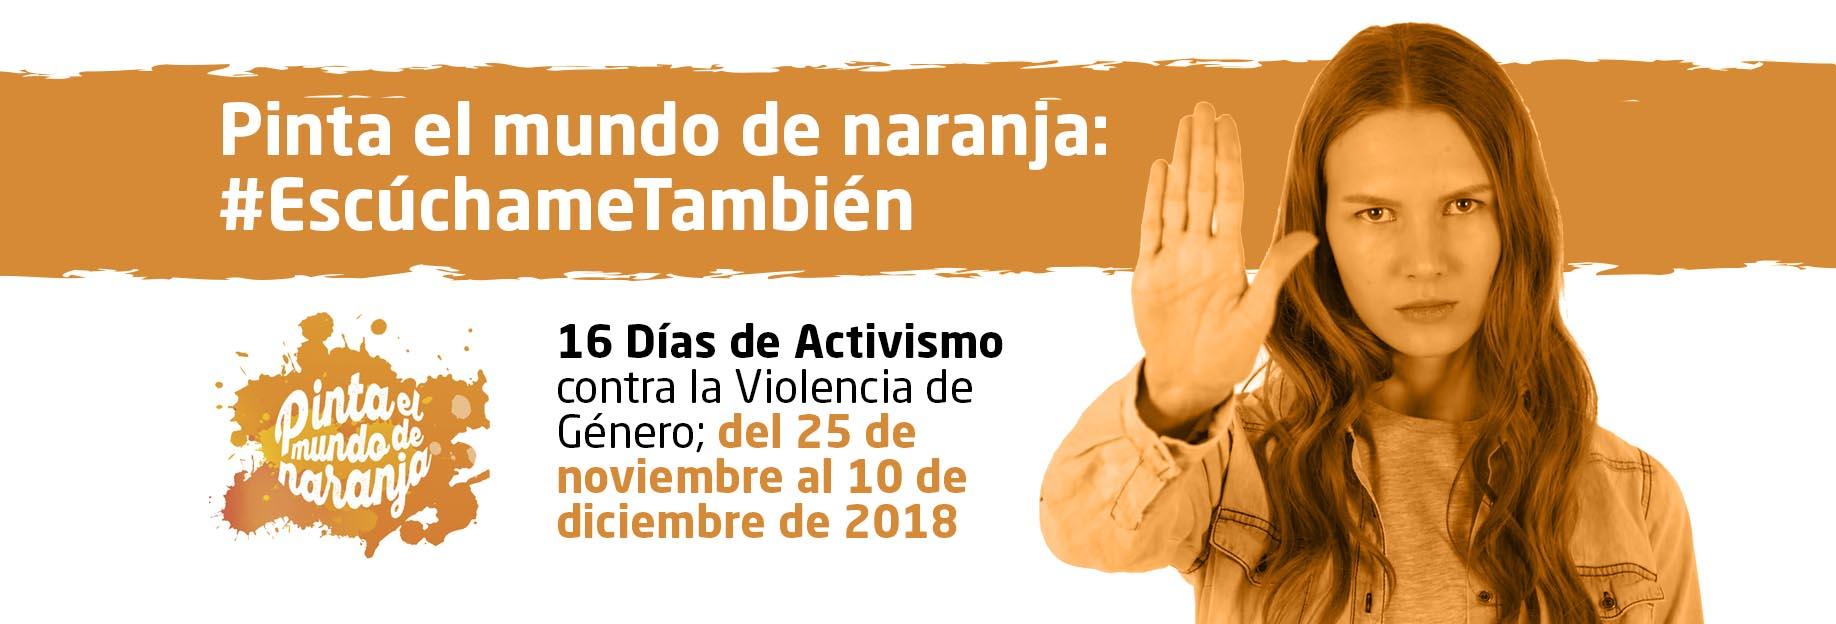 Slider 16 días de activisimo